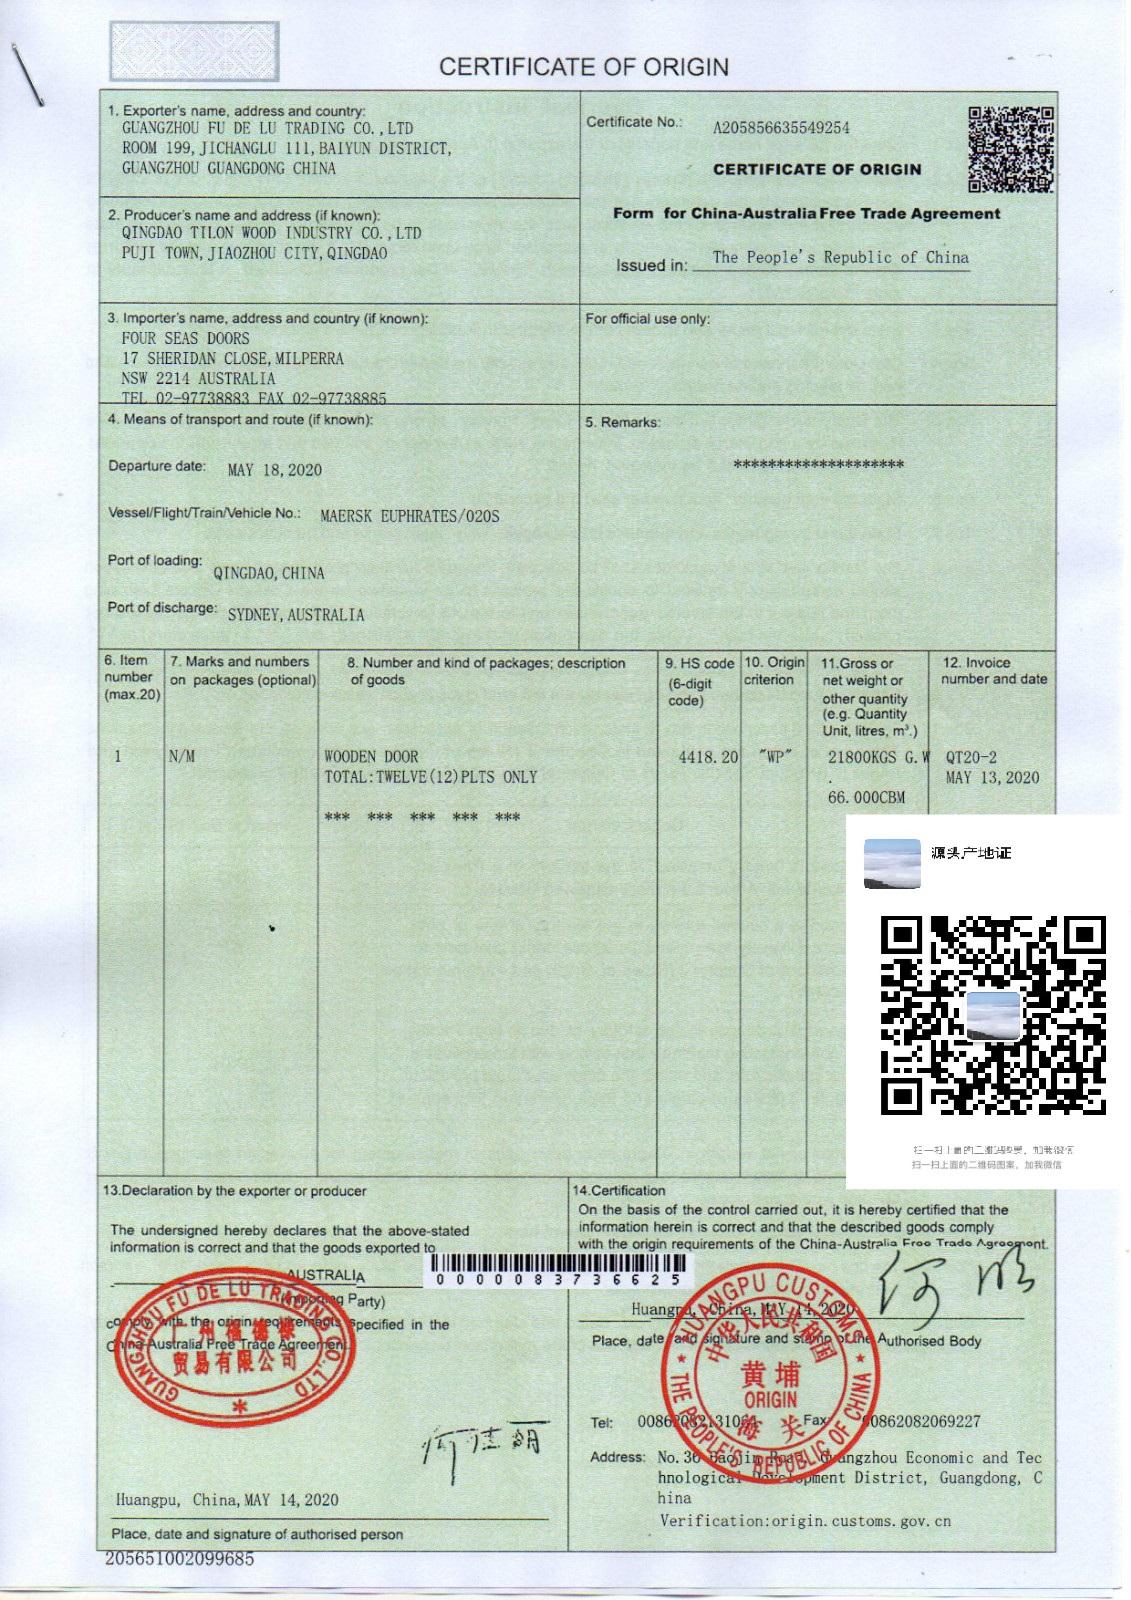 中国-澳大利亚原产地证书FTA